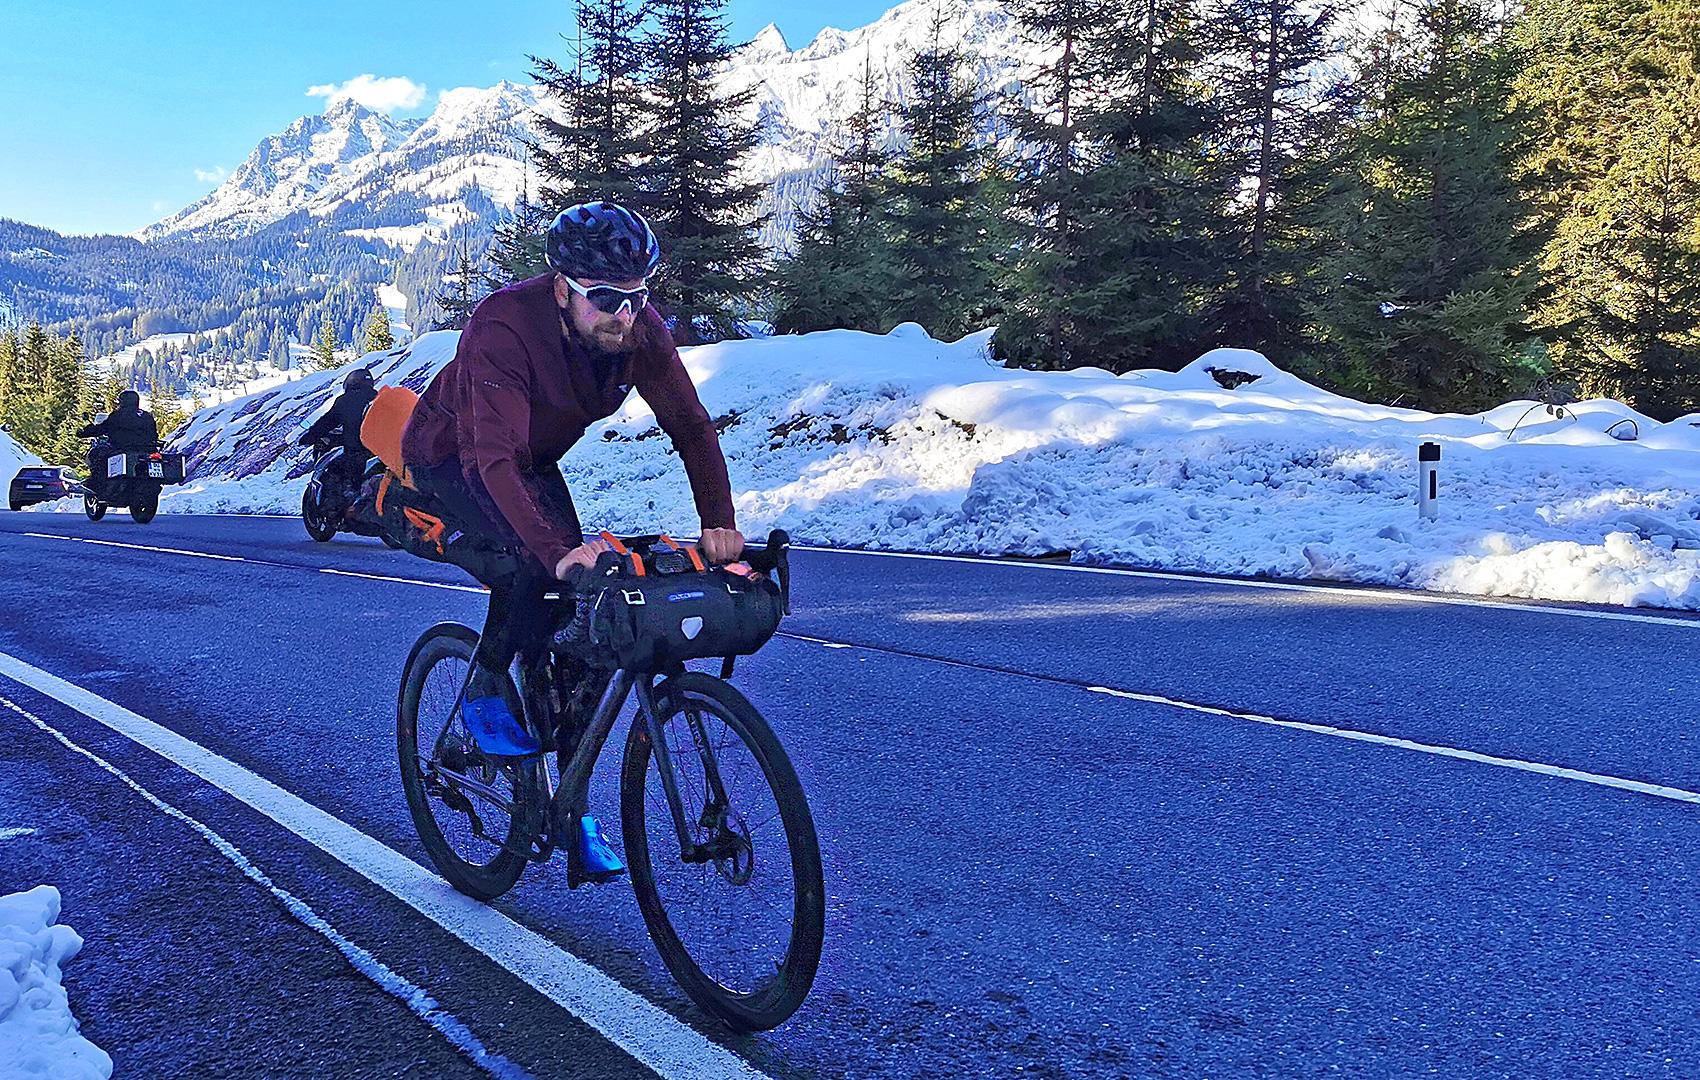 Jonas Deichmann startet Weltumrundung - Roadcycling DE